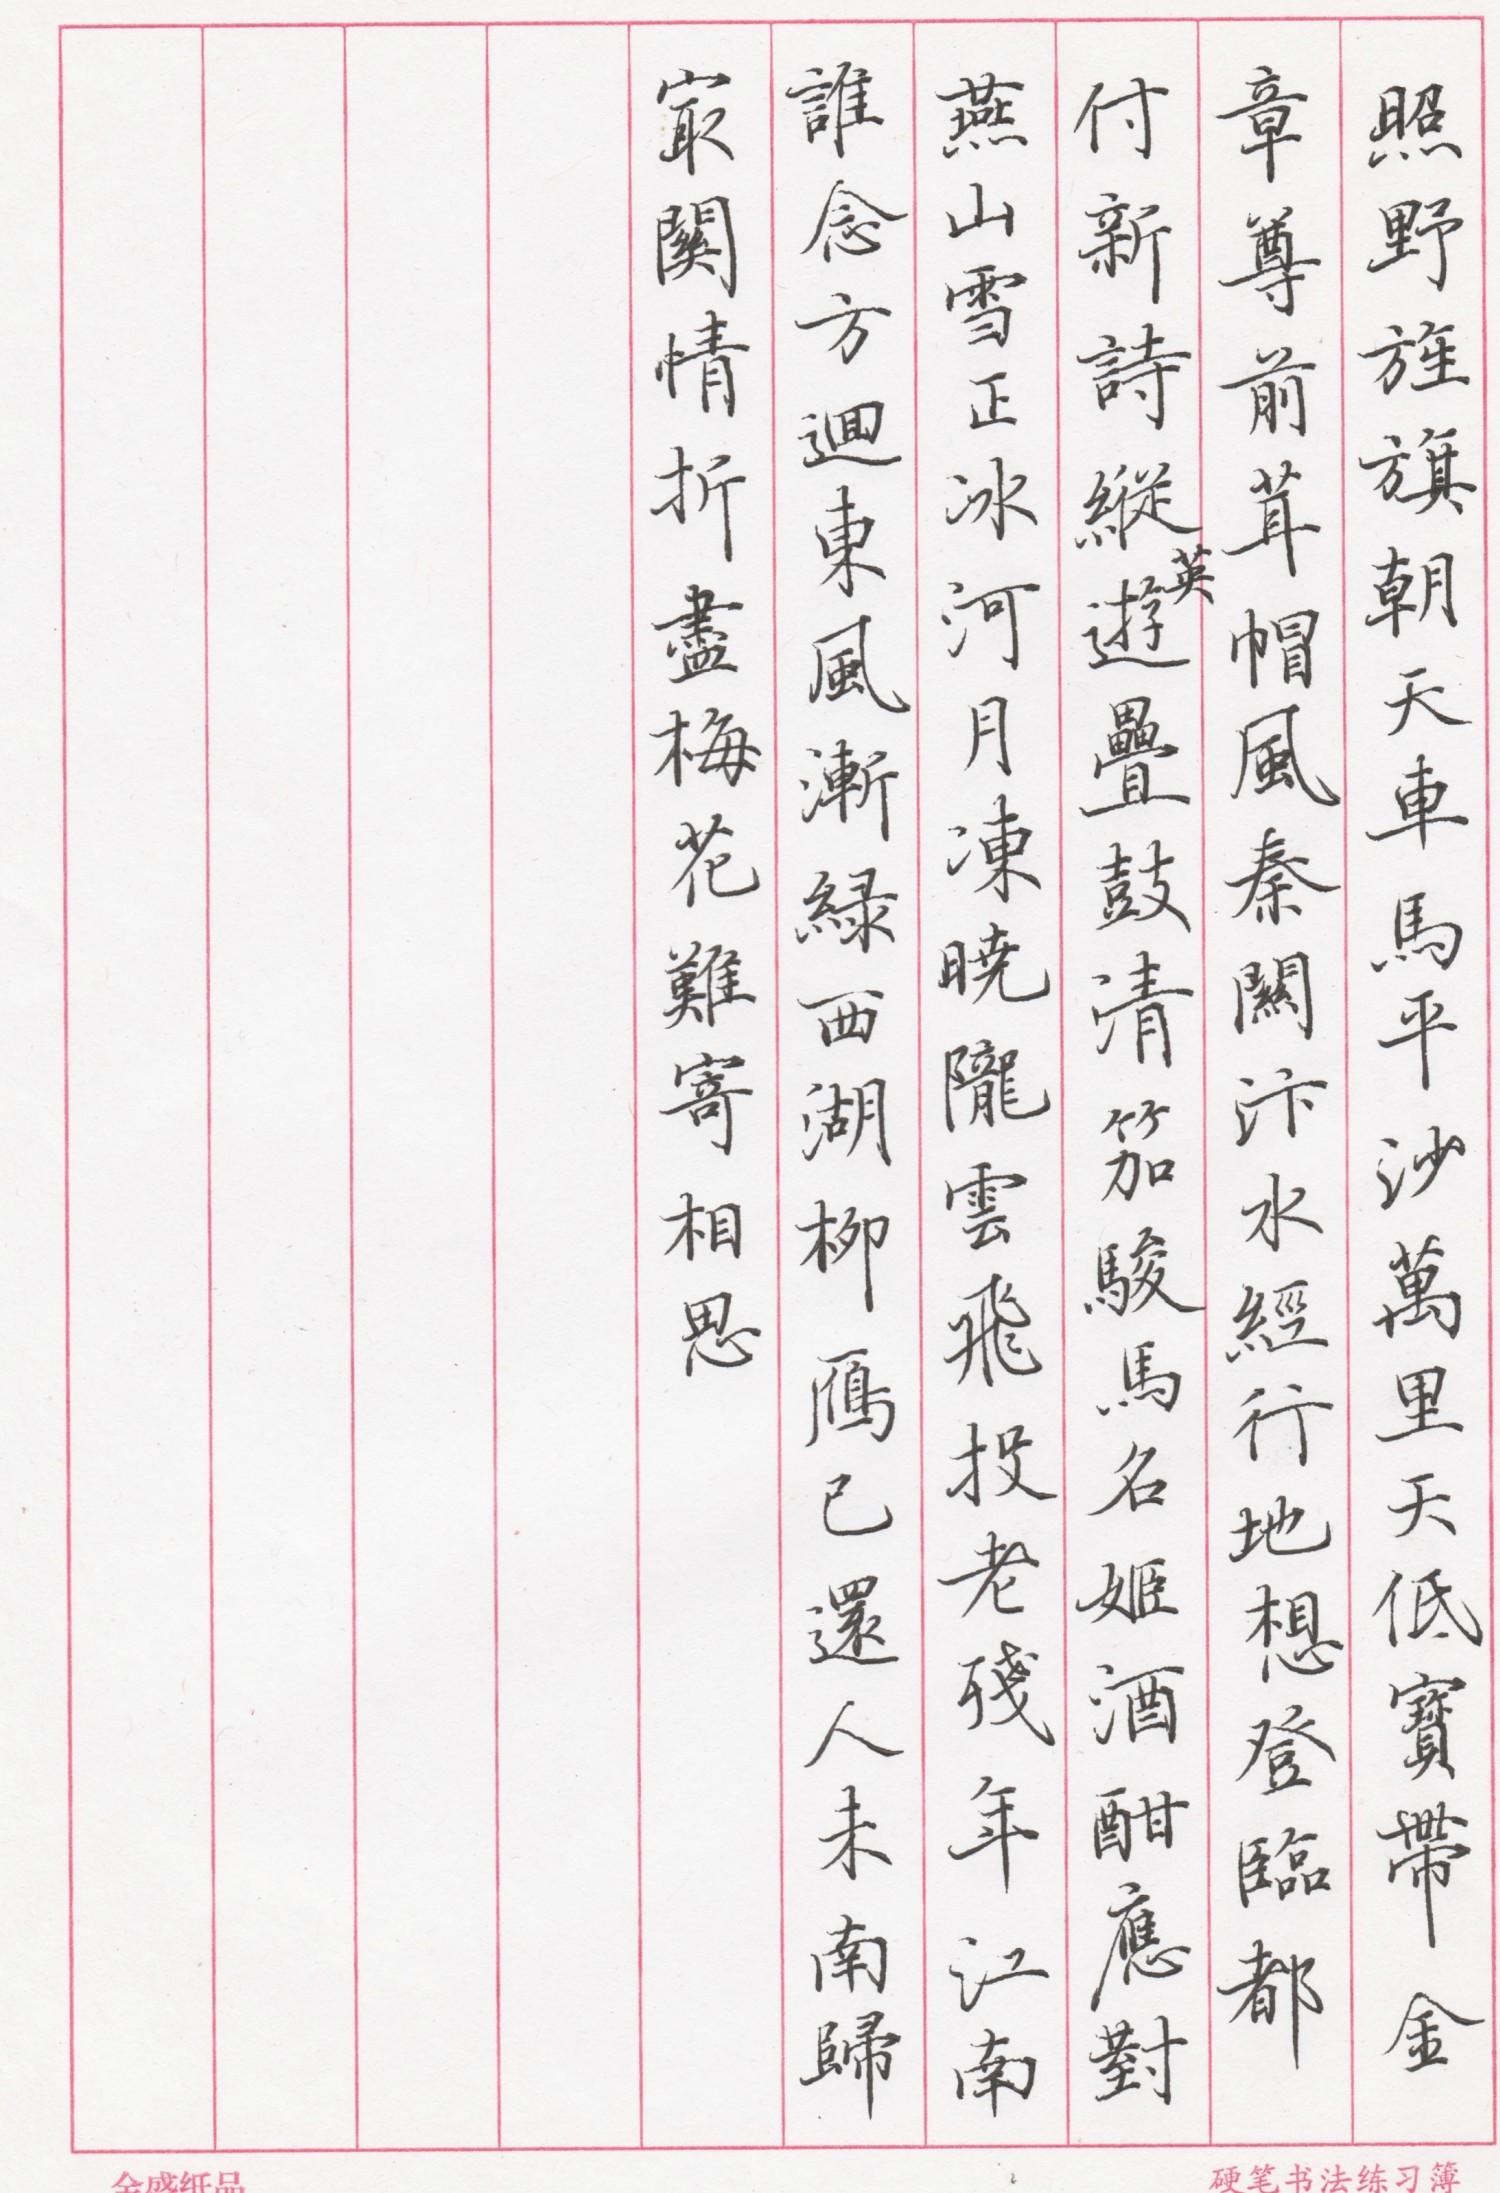 钢笔书法练字打卡20210525-17